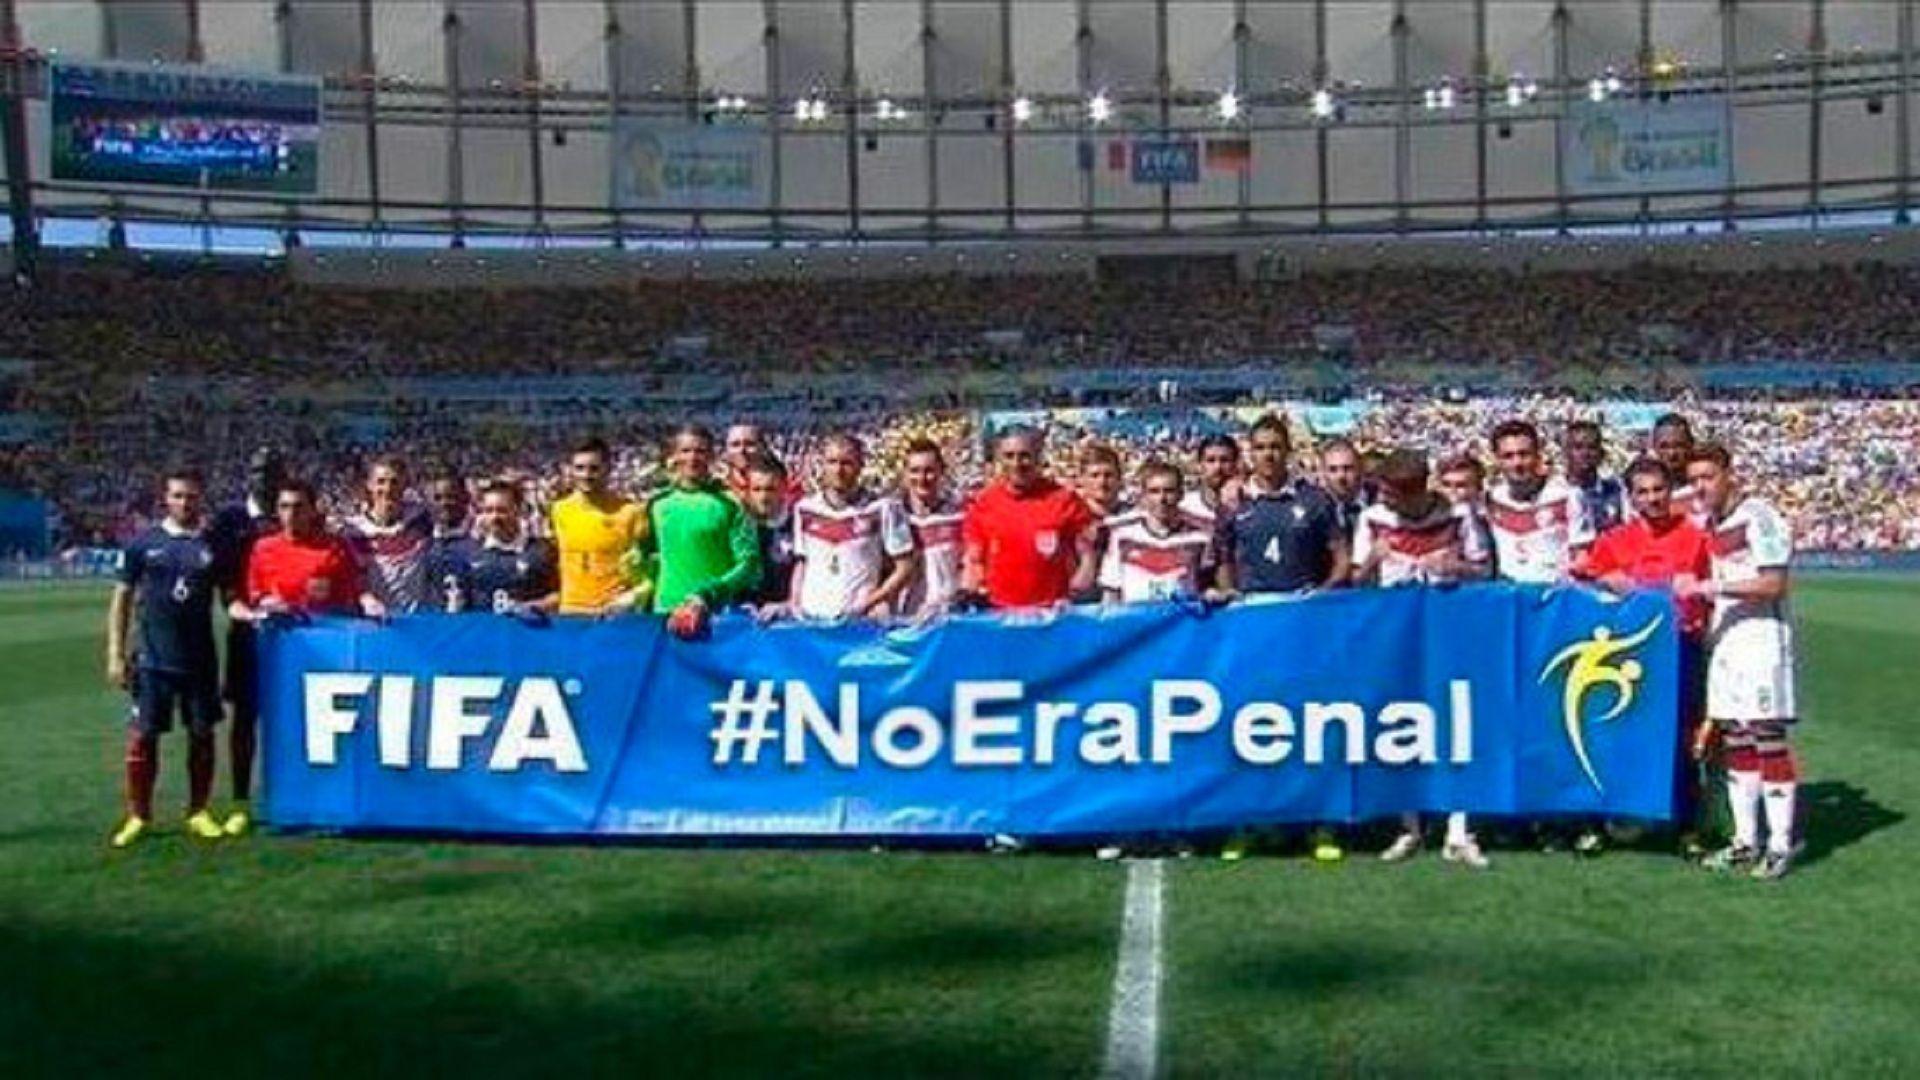 En el mundial Brasil2014, ¿qué situación creó la frase